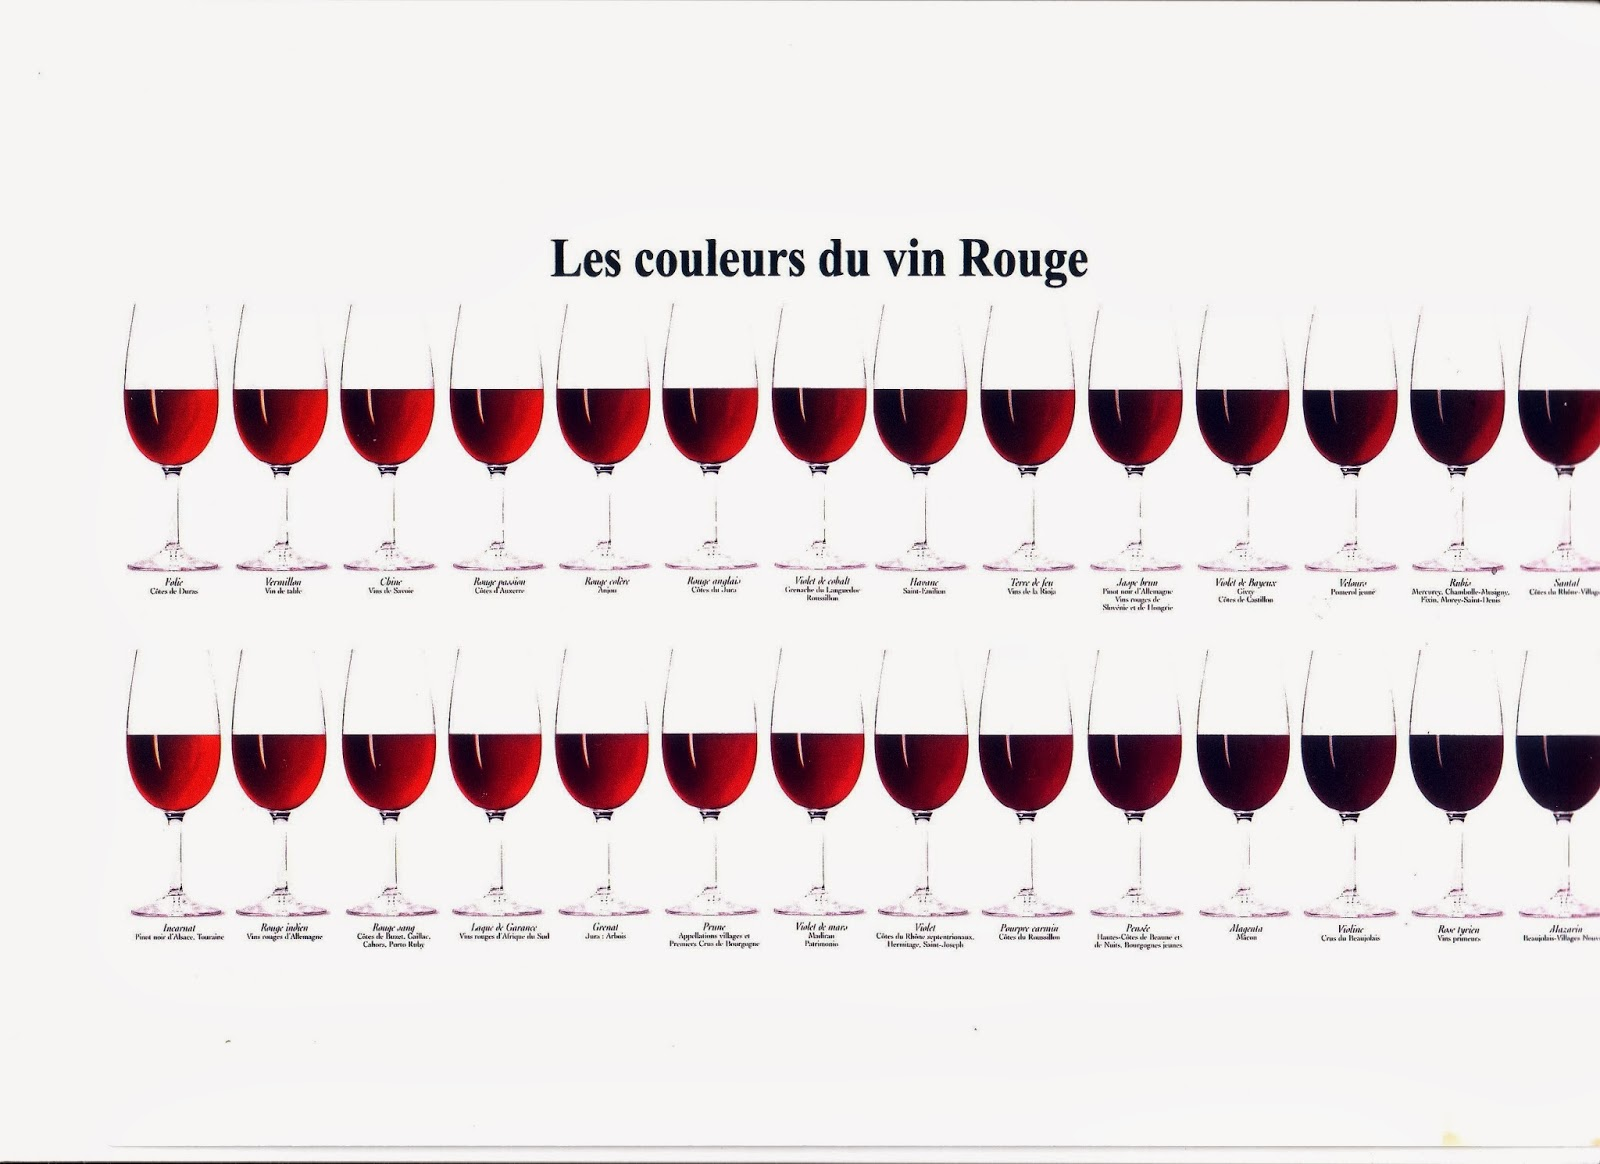 Del vino rosso e del suo invecchiamento